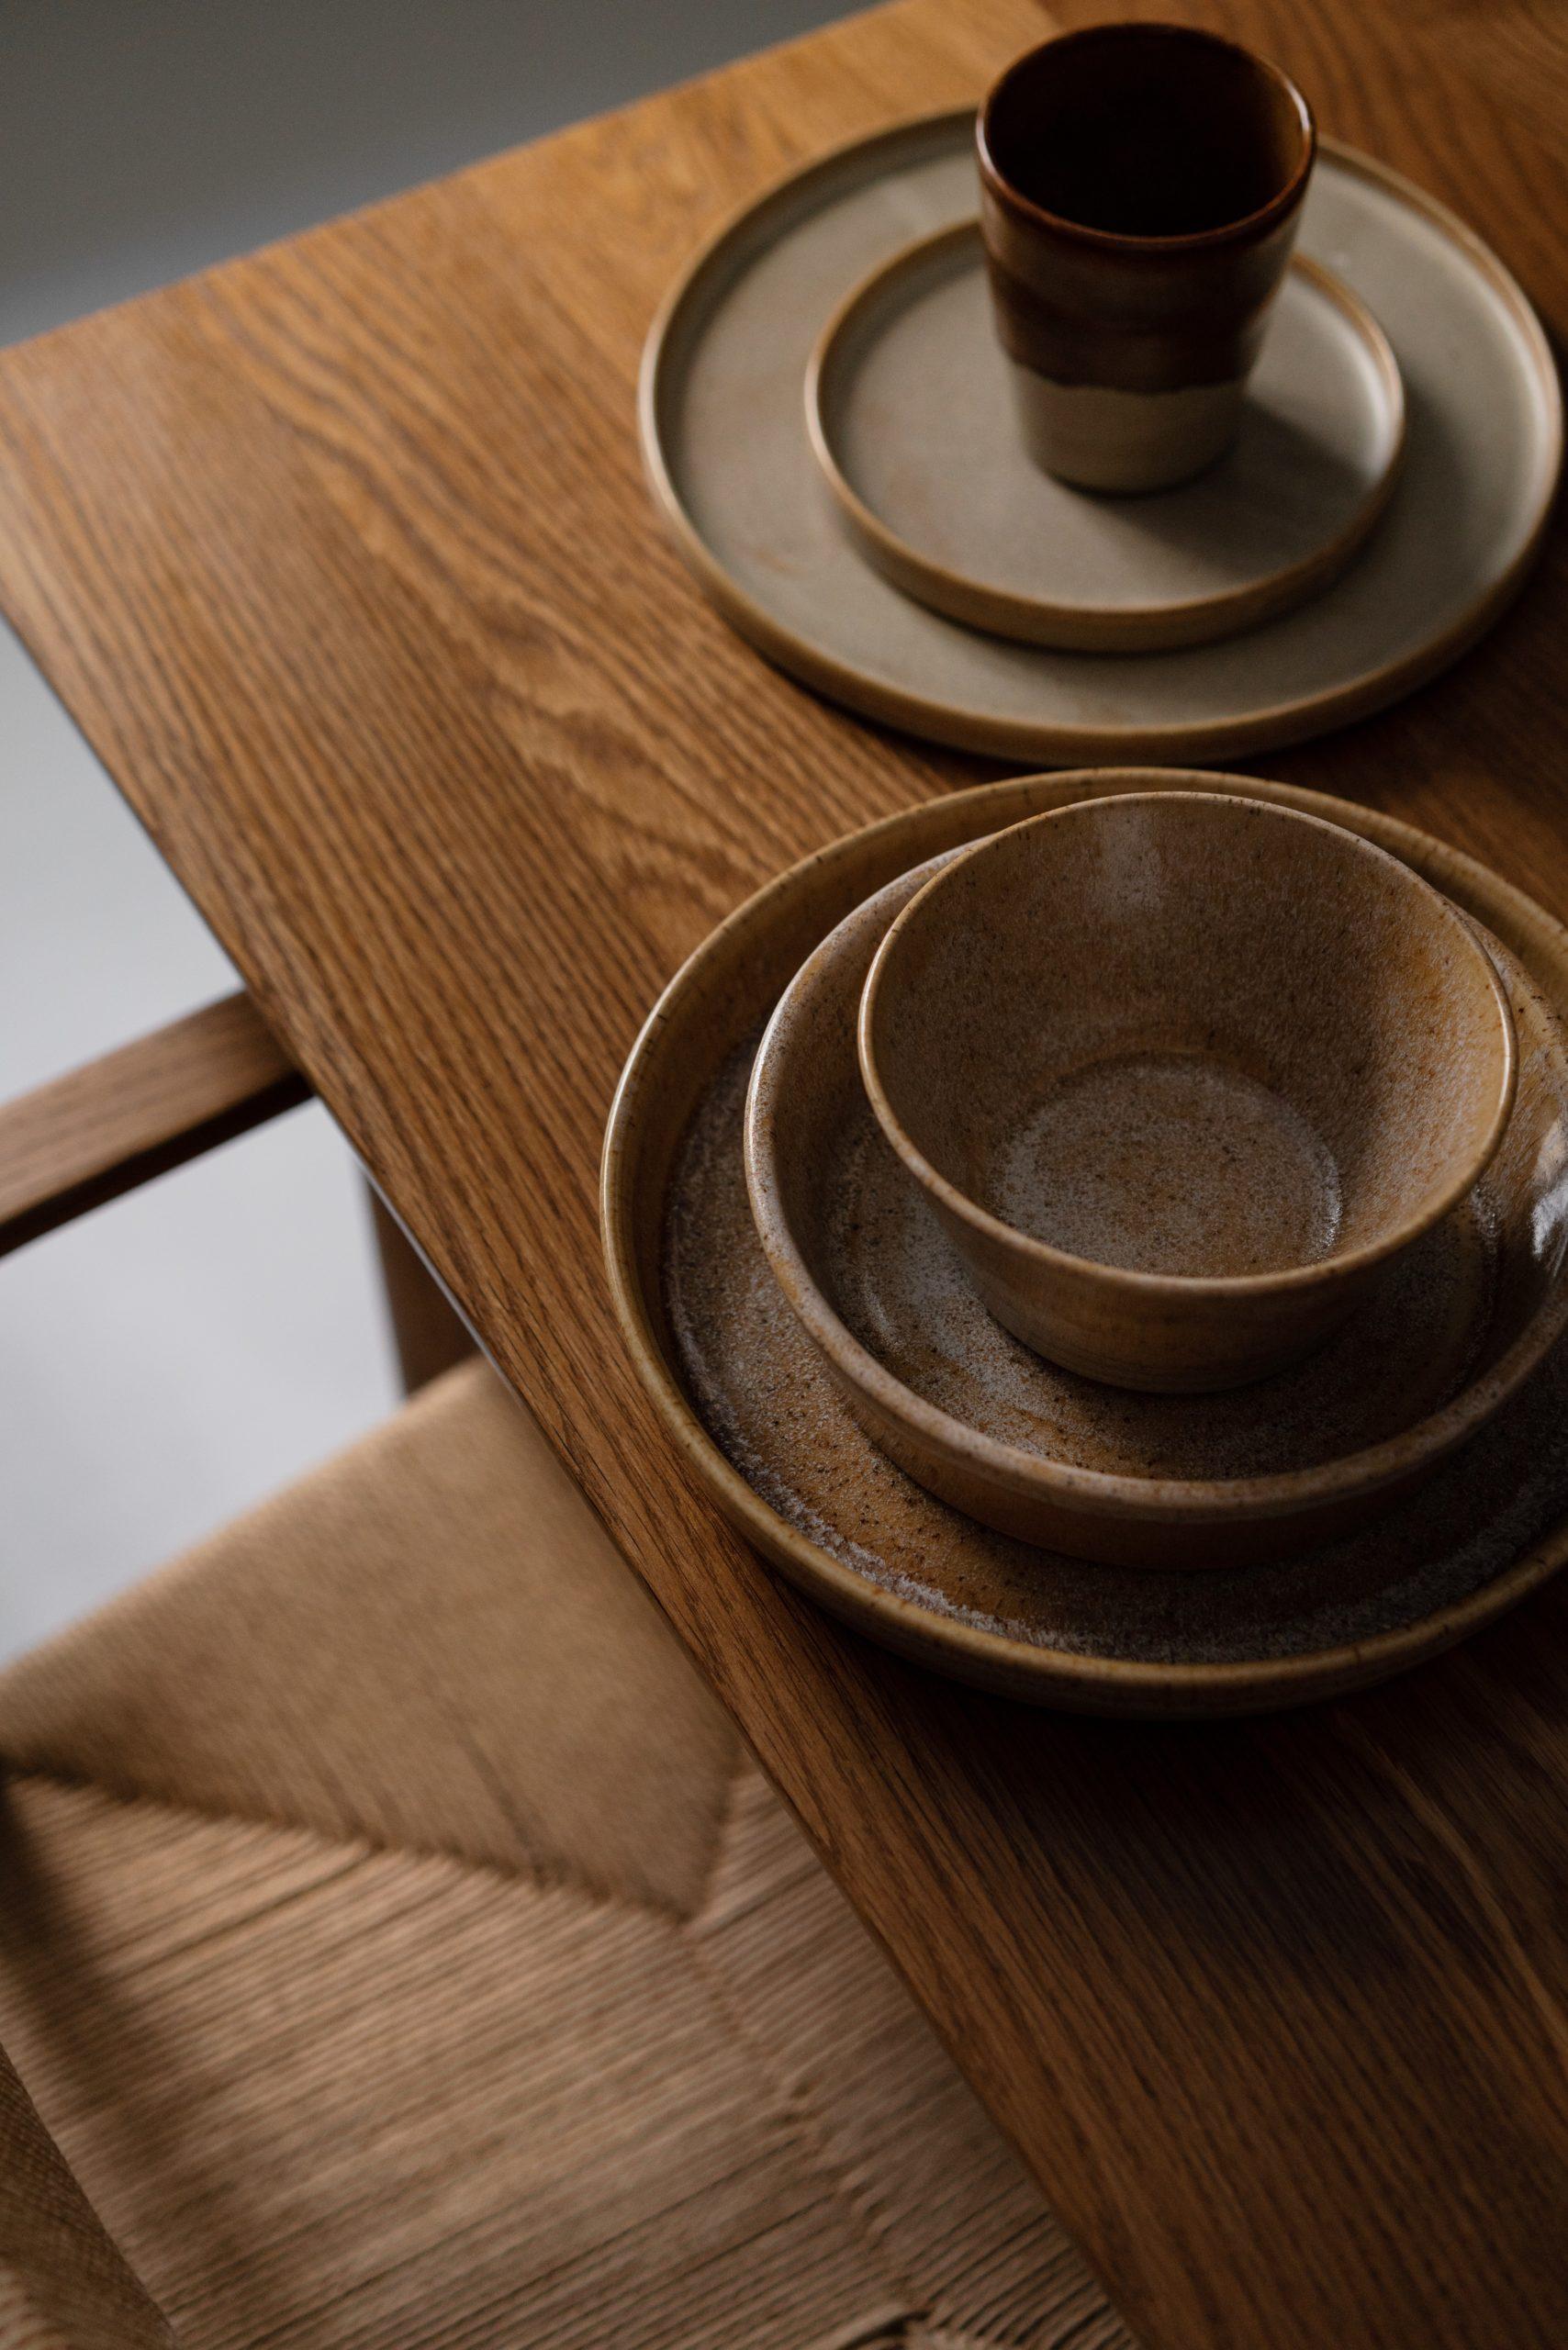 Knivsöder keramik